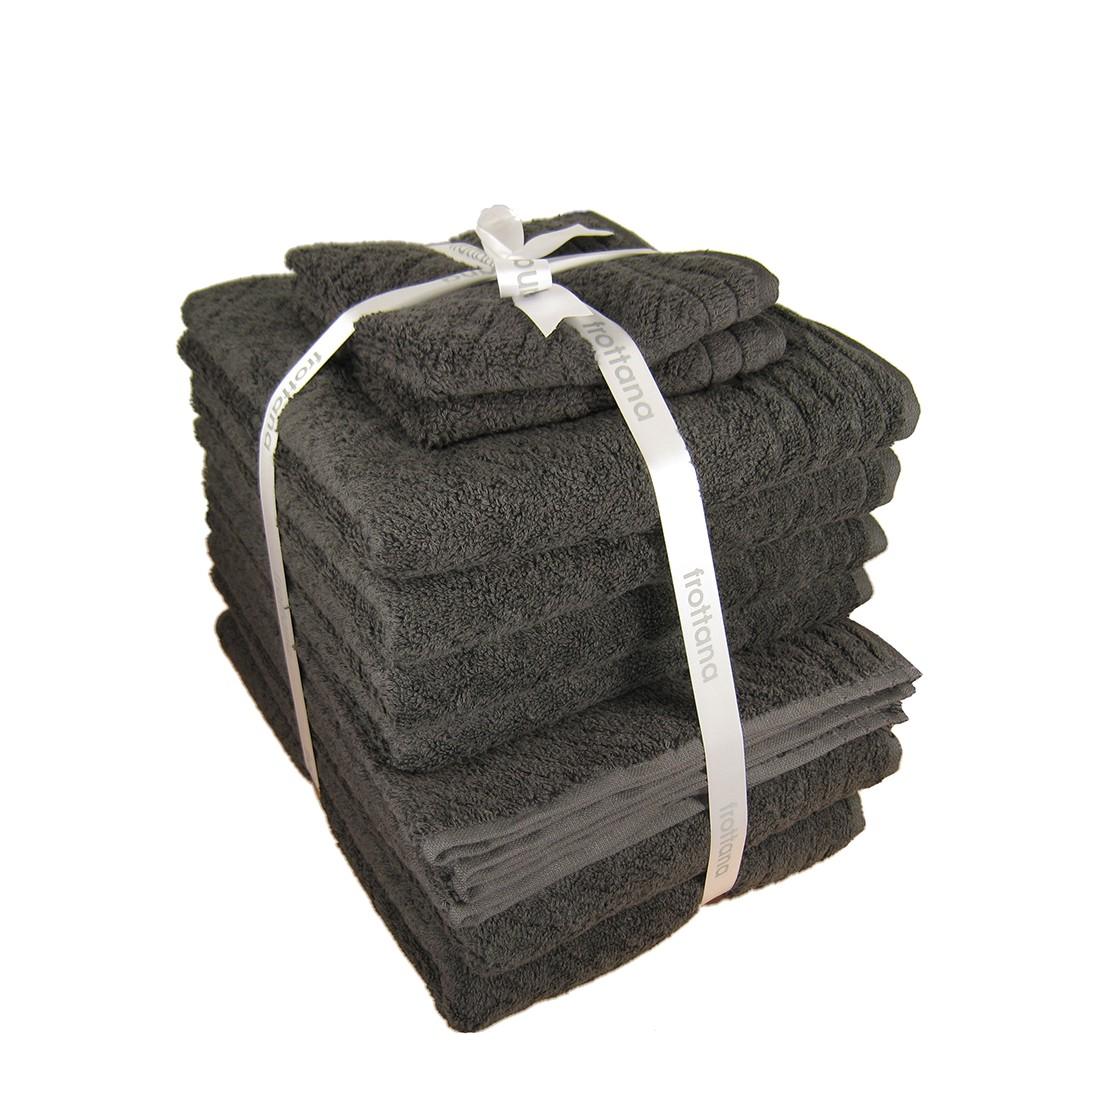 Handtuch-Elegance (12-teilig) – Graphit, frottana online kaufen